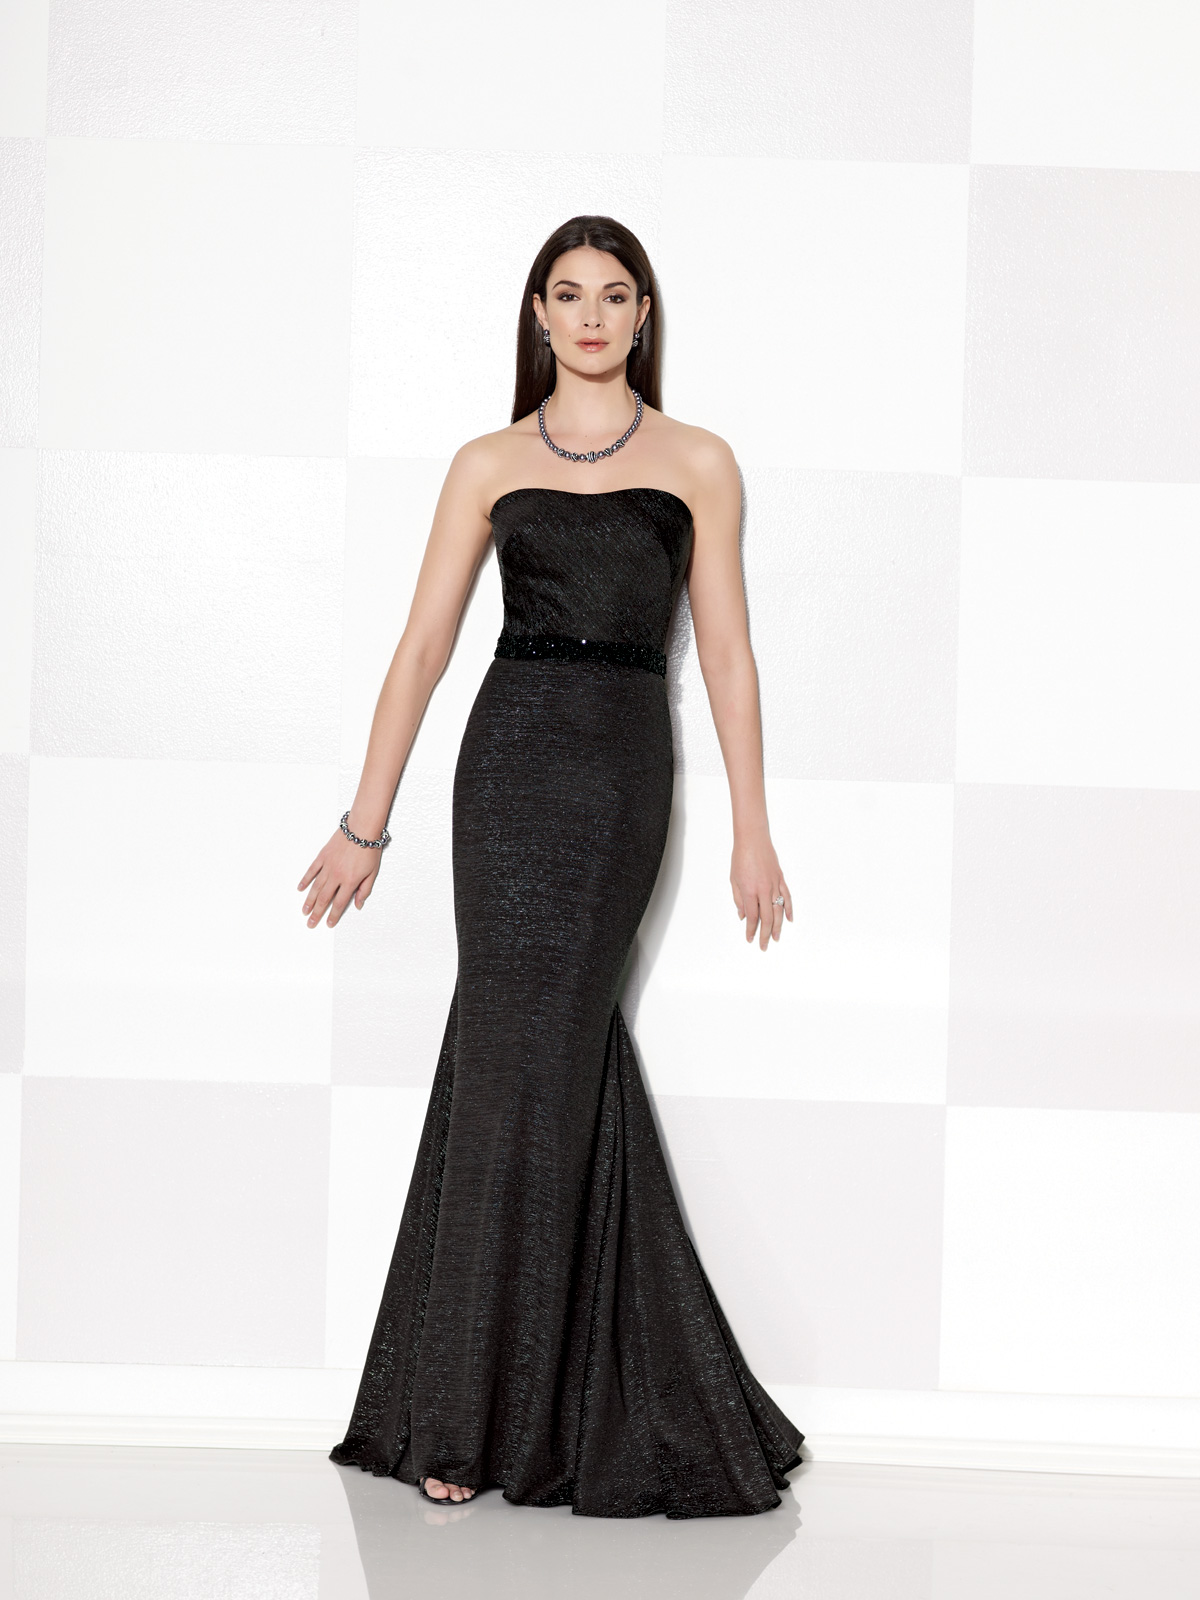 Vestido de Festa tomara que caia com detalhe de cinto em pedrarias, confeccionado em jersey metálico com elastanoe saia com corte sereia.